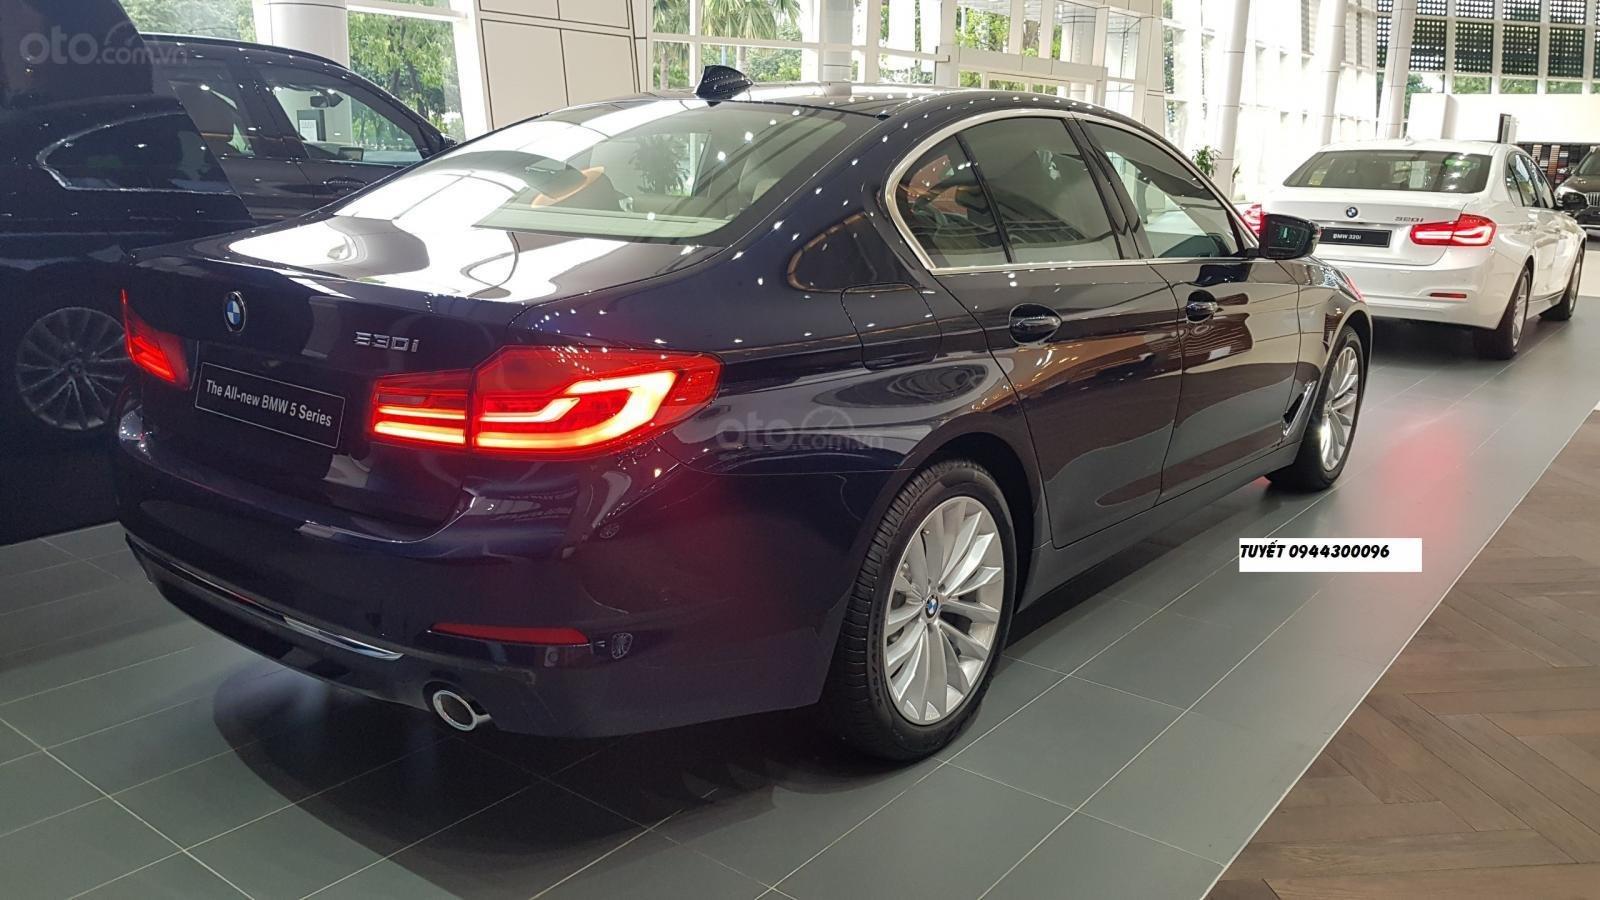 Bán BMW 530i, giảm giá 100tr, tặng BHVC, thủ tục nhanh gọn, giao xe tận nhà (4)